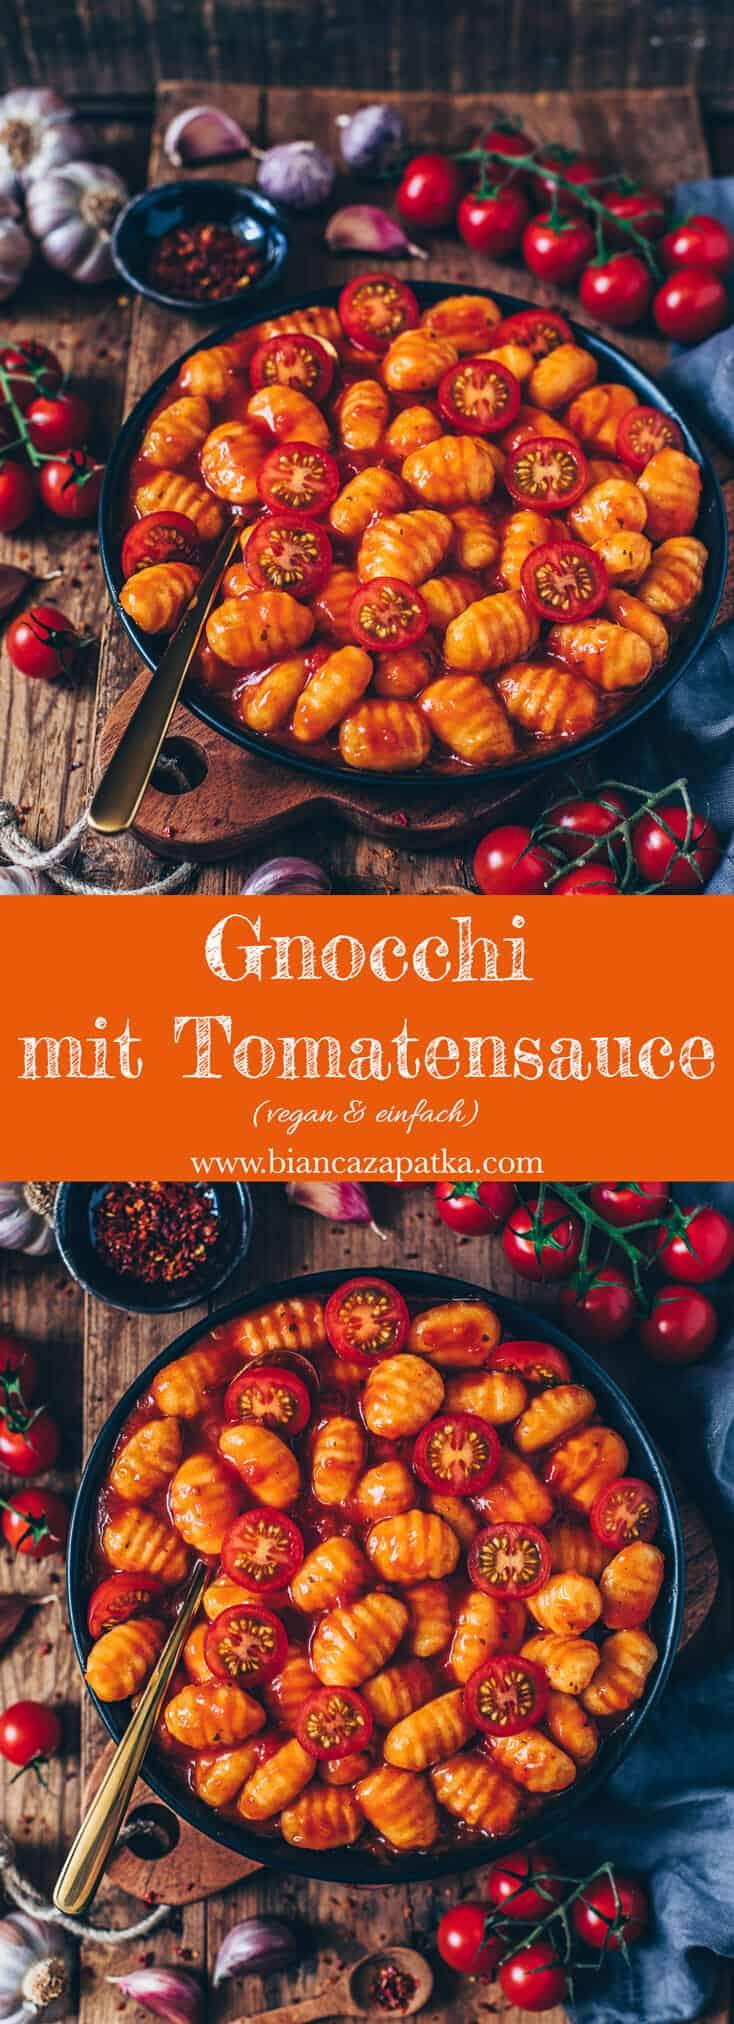 Dieses Rezept für Gnocchi mit Tomatensauce ist unglaublich lecker und eine perfekte Mahlzeit, wenn man schnell zu Mittag oder zu Abend essen möchte. Es ist vegan, glutenfrei, einfach zuzubereiten und in nur 10 Minuten fertig!